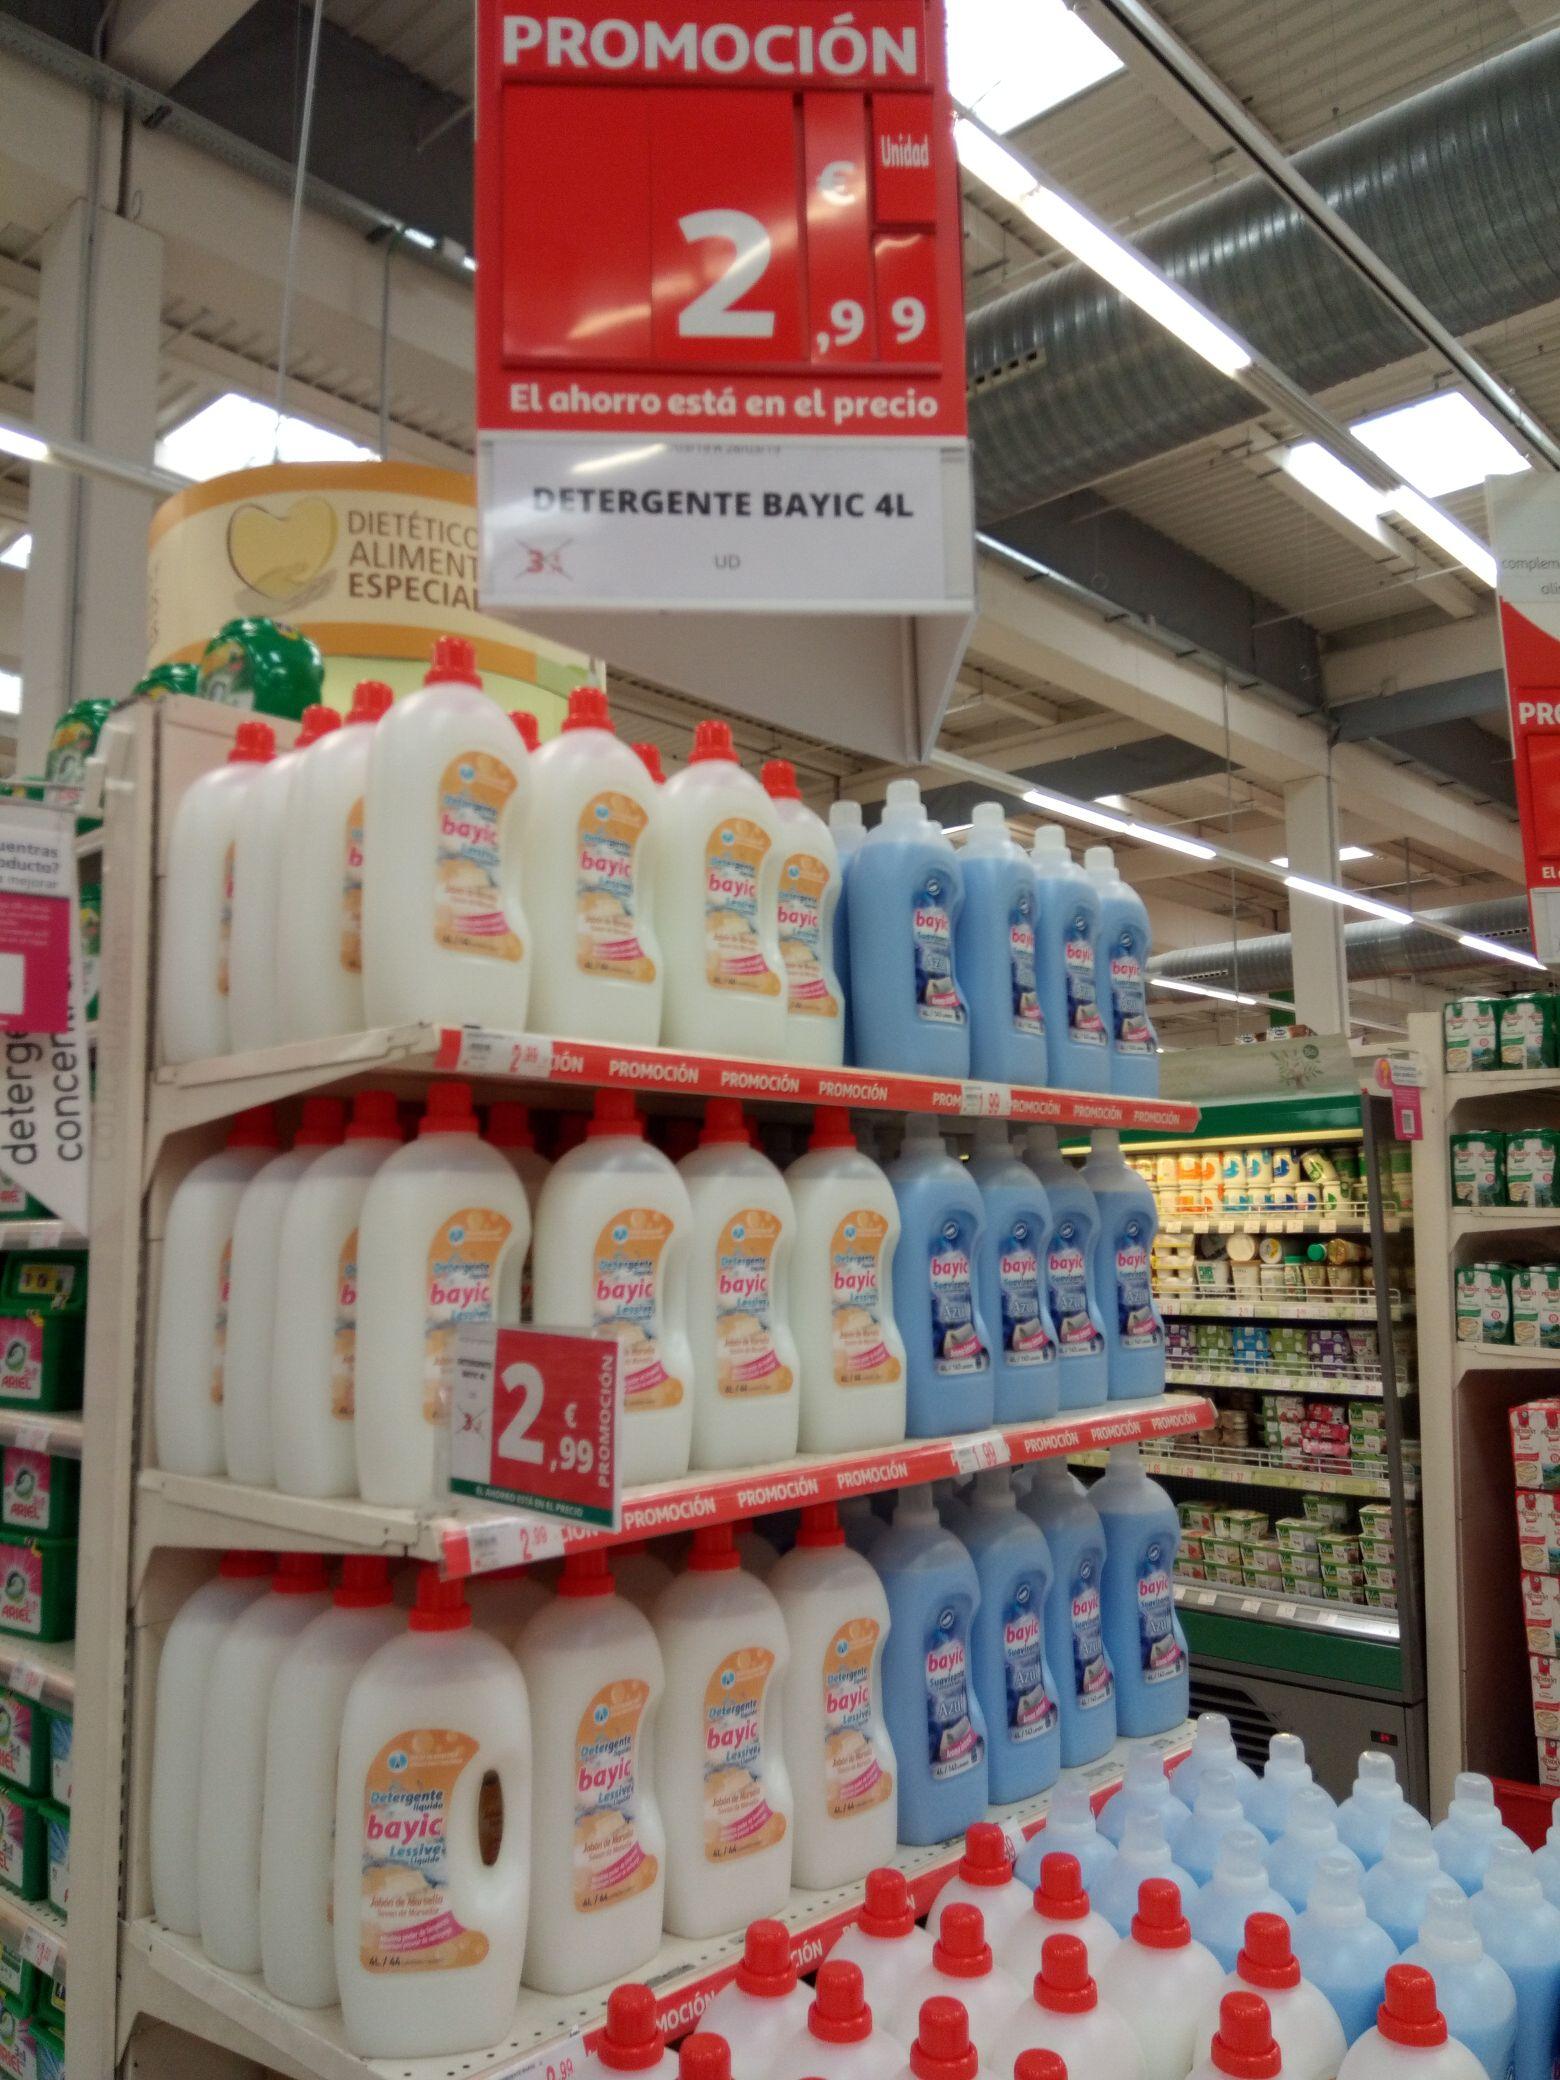 4Litros de Detergente a 2,99